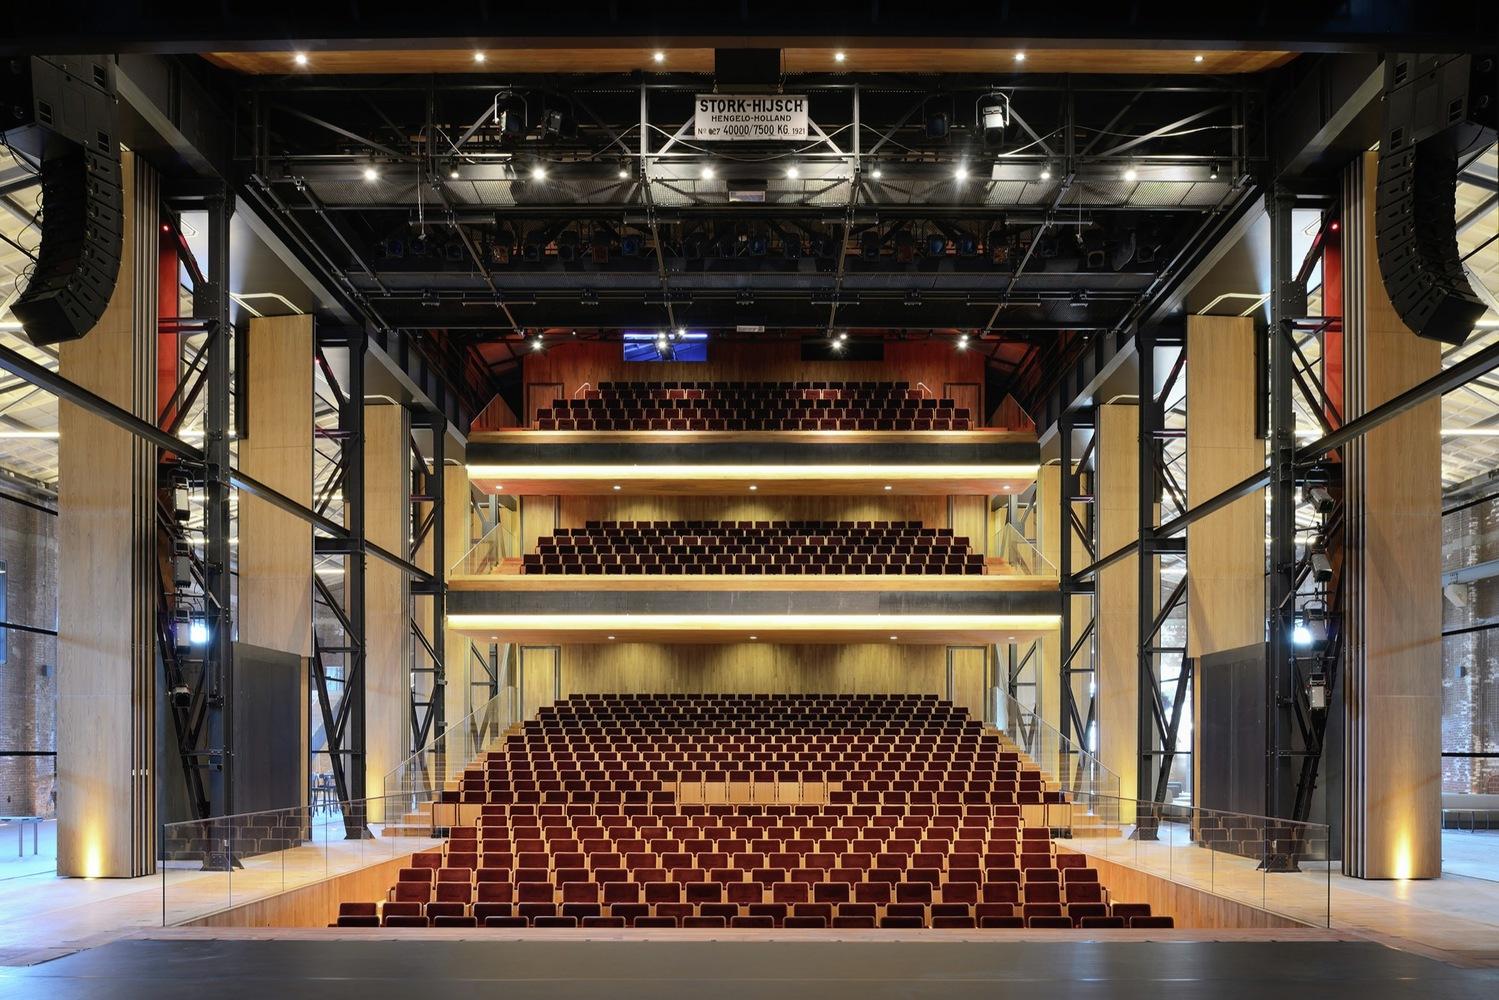 Theatre de Kampanje / van Dongen-Koschuch